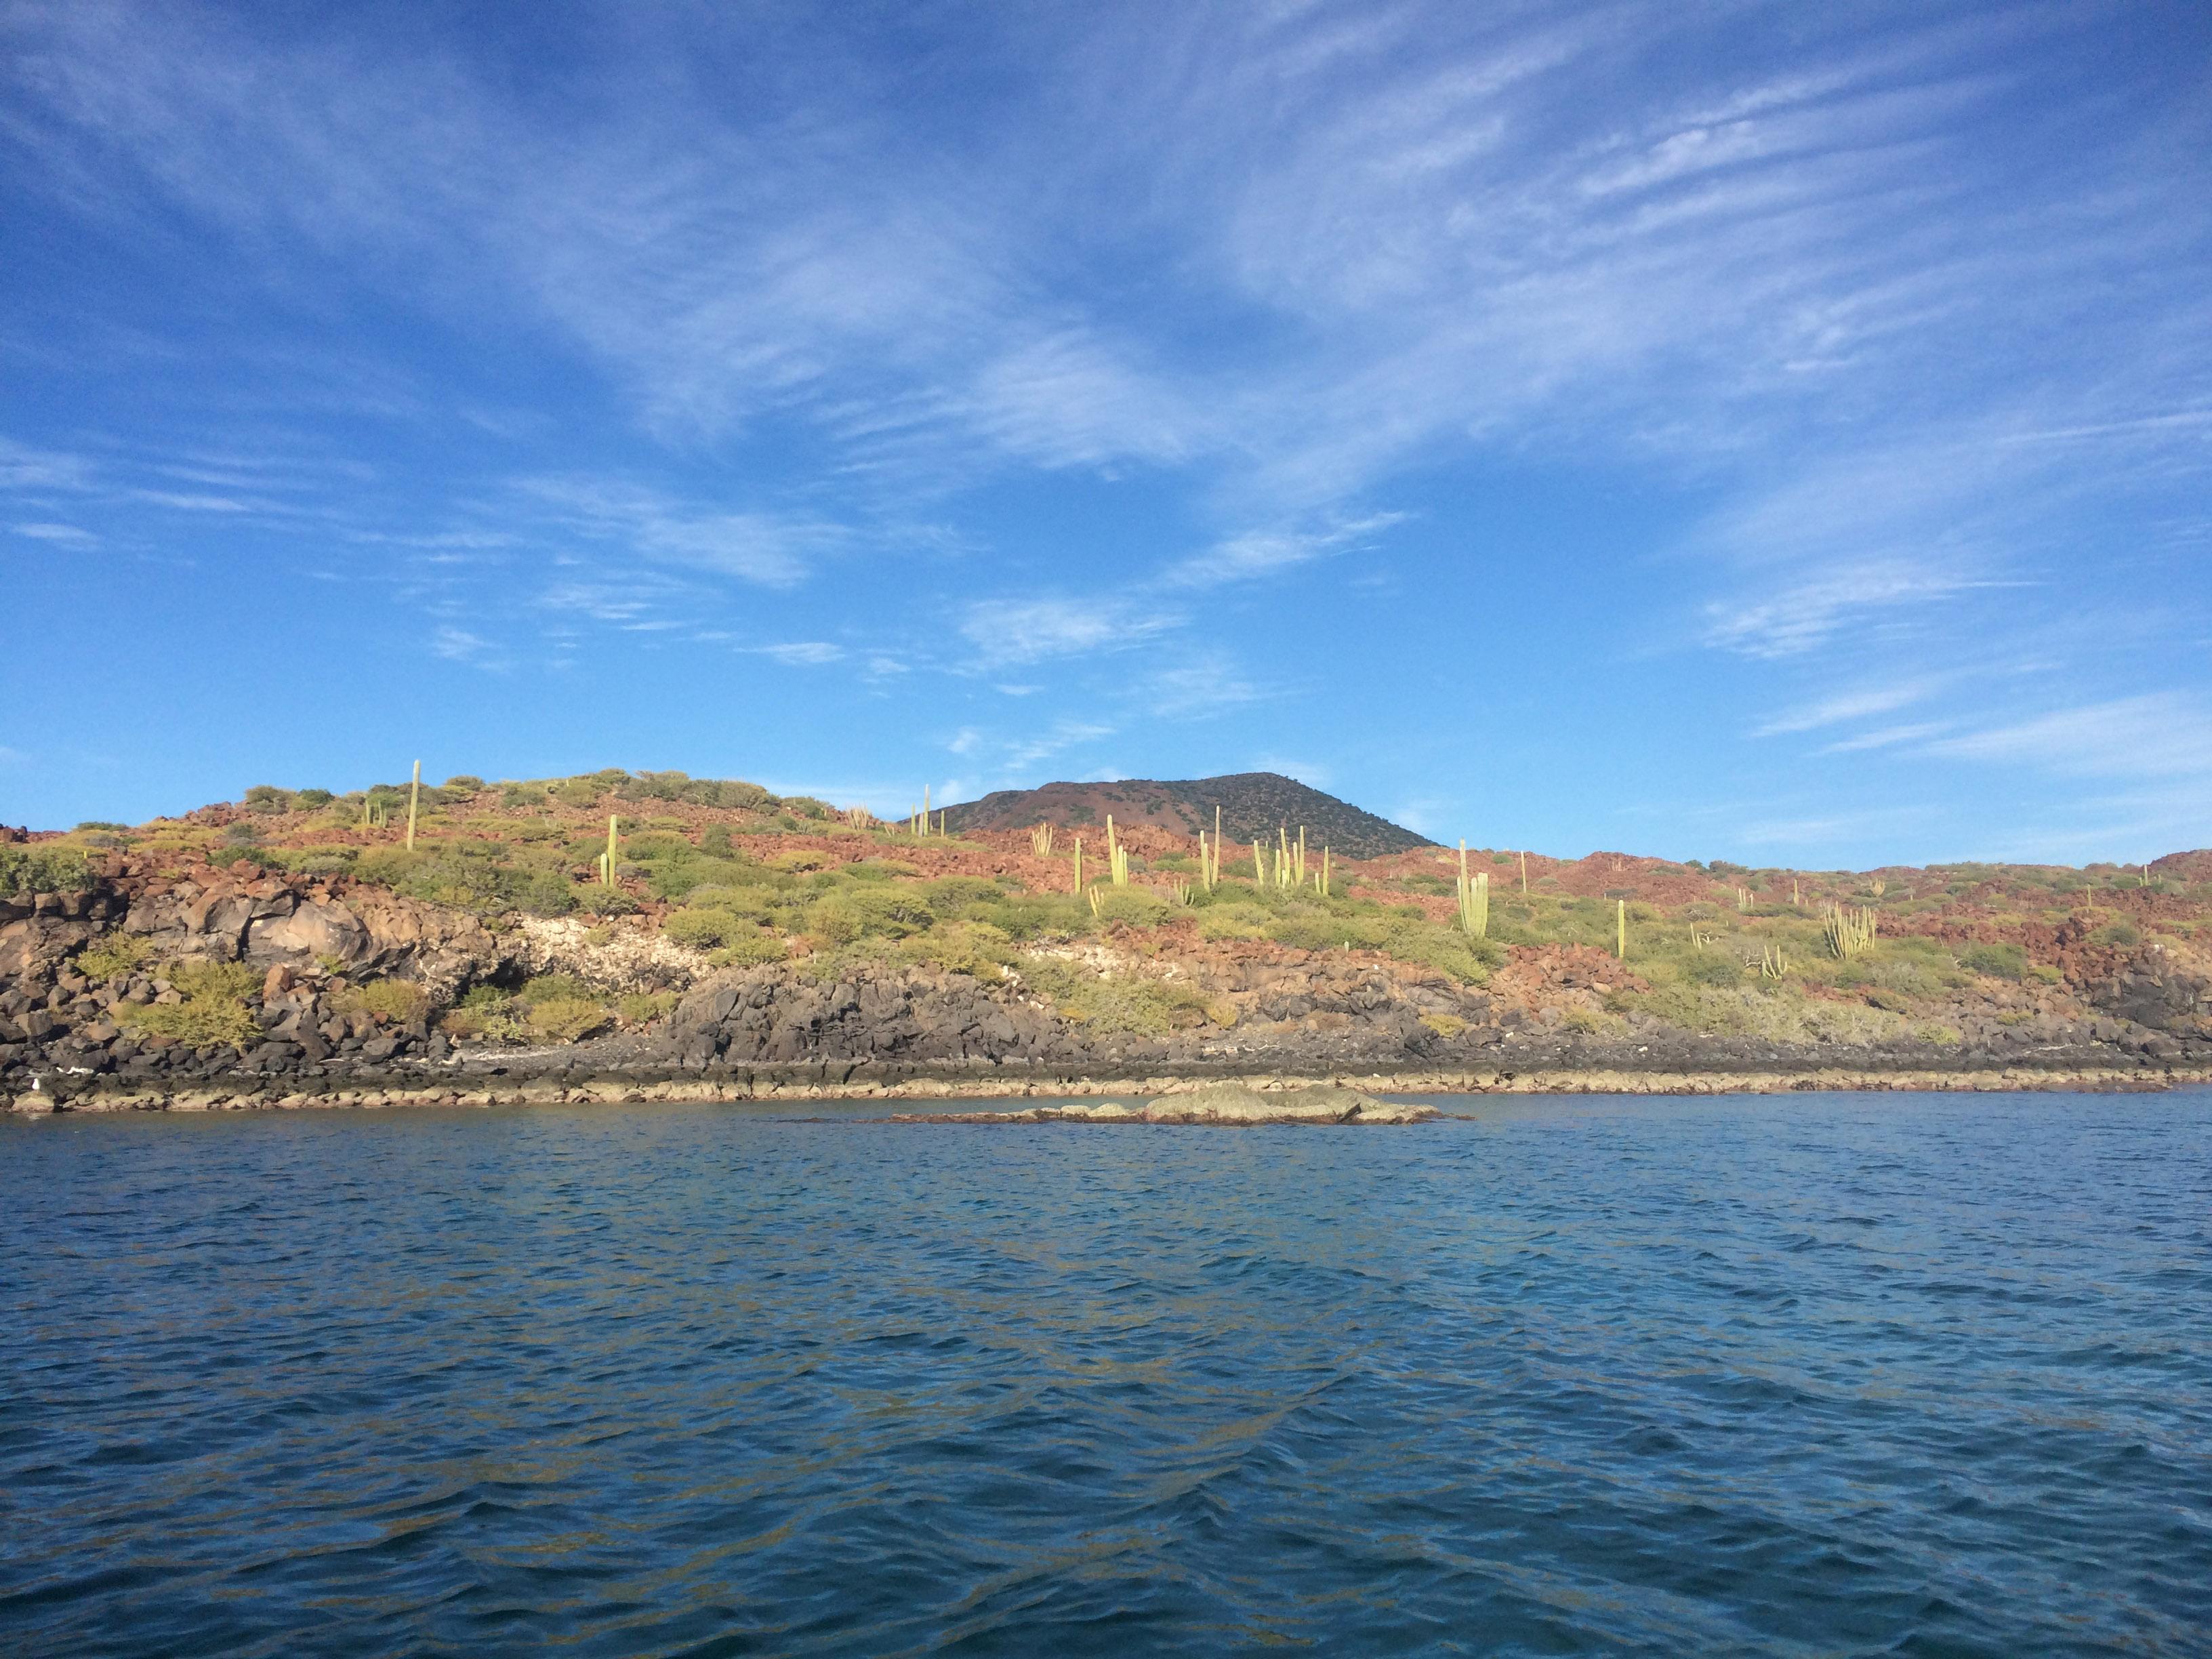 IC cactus shore view